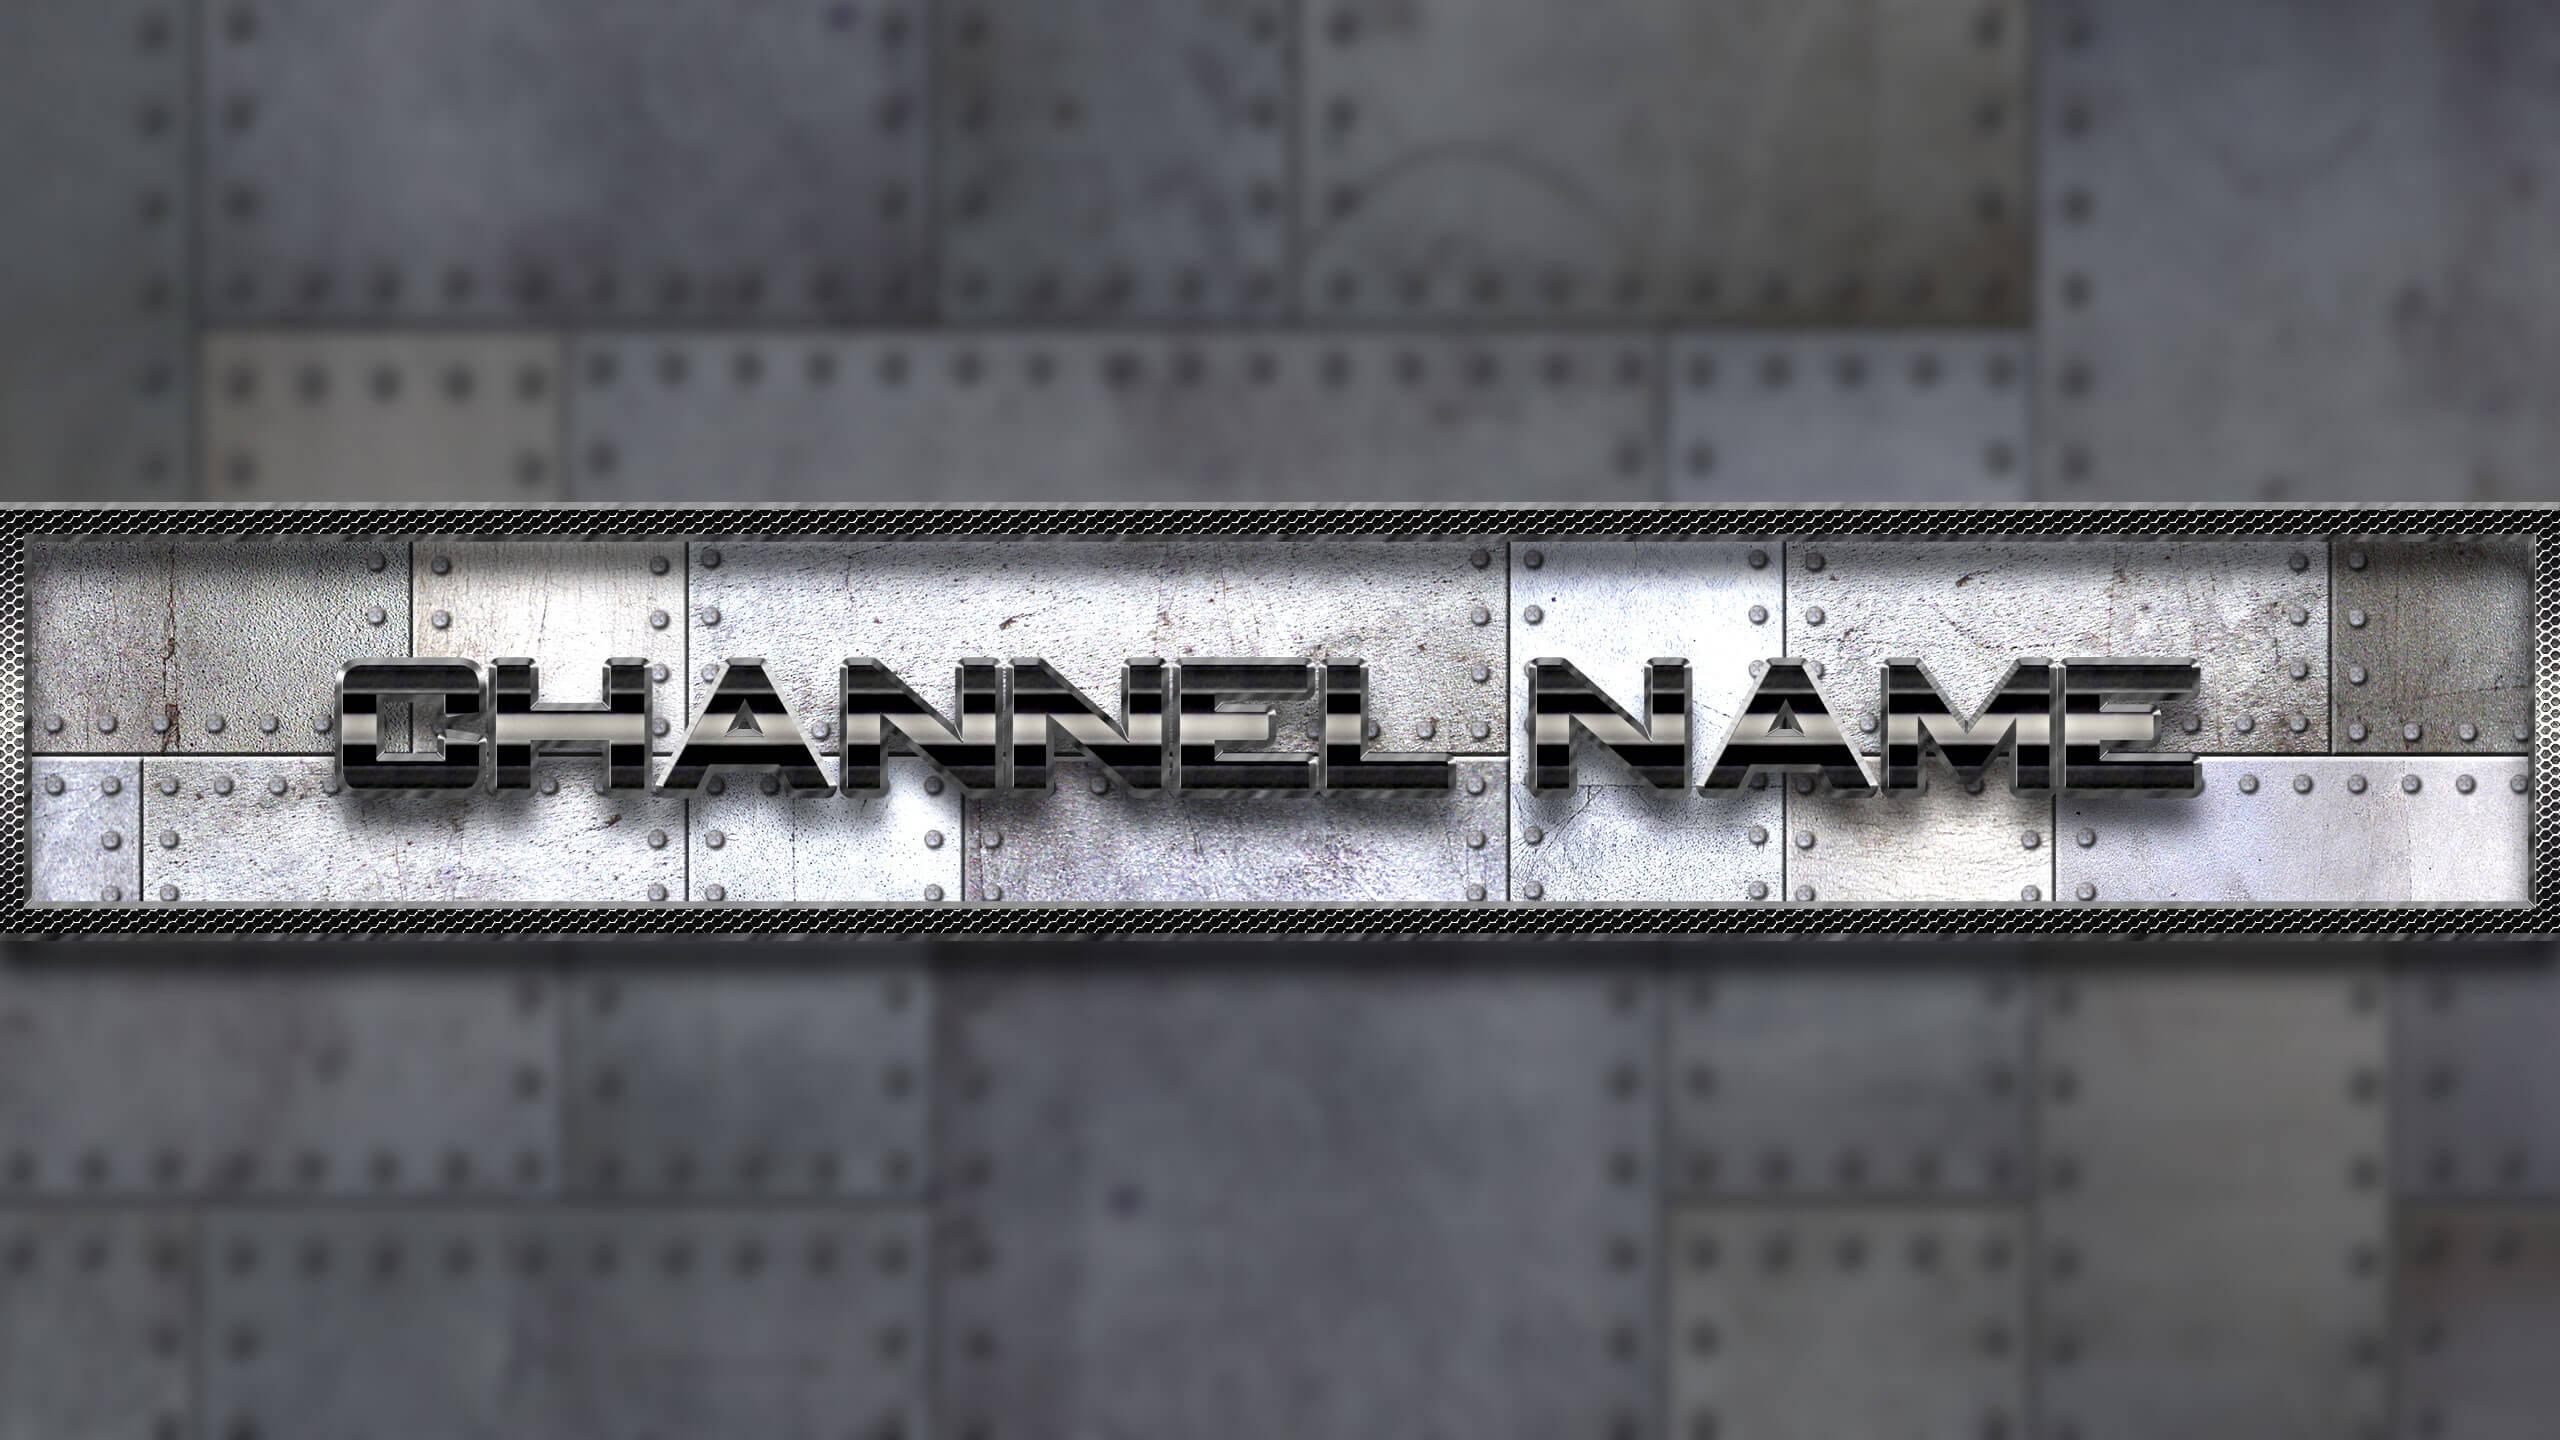 Картинка для баннера на ютуб канал стальная обшивка.